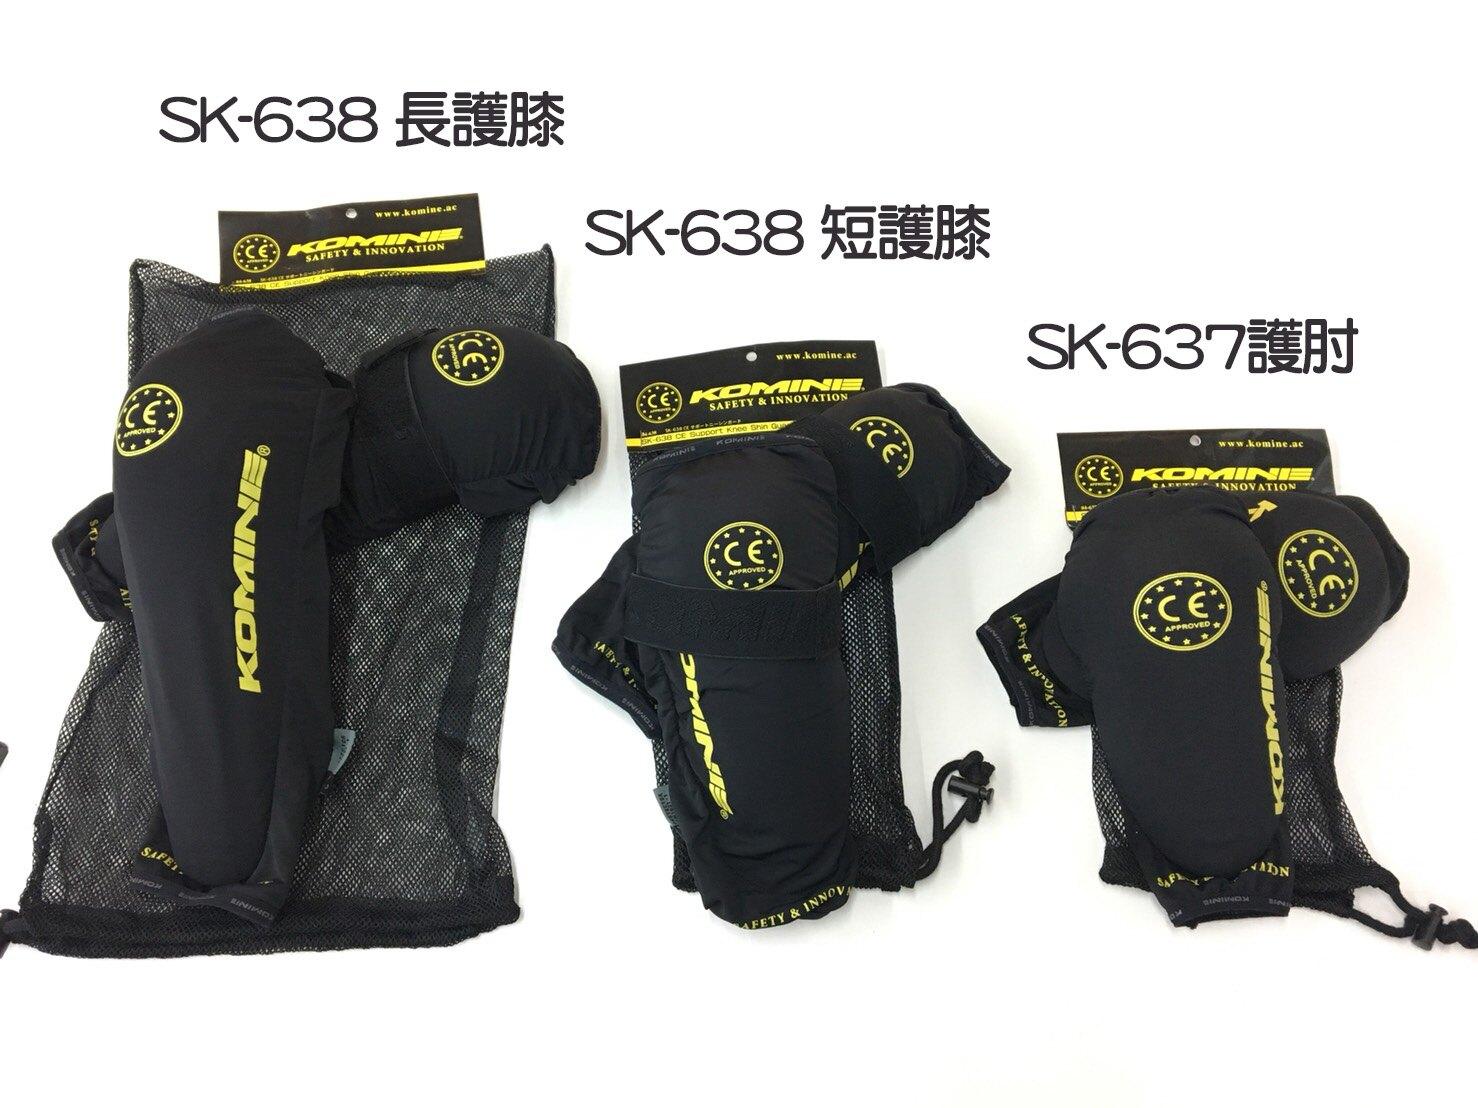 ~任我行騎士部品~日本 Komine SK-638 護膝 內護具 CE 認證 彈性 舒適 可拆洗 SK638